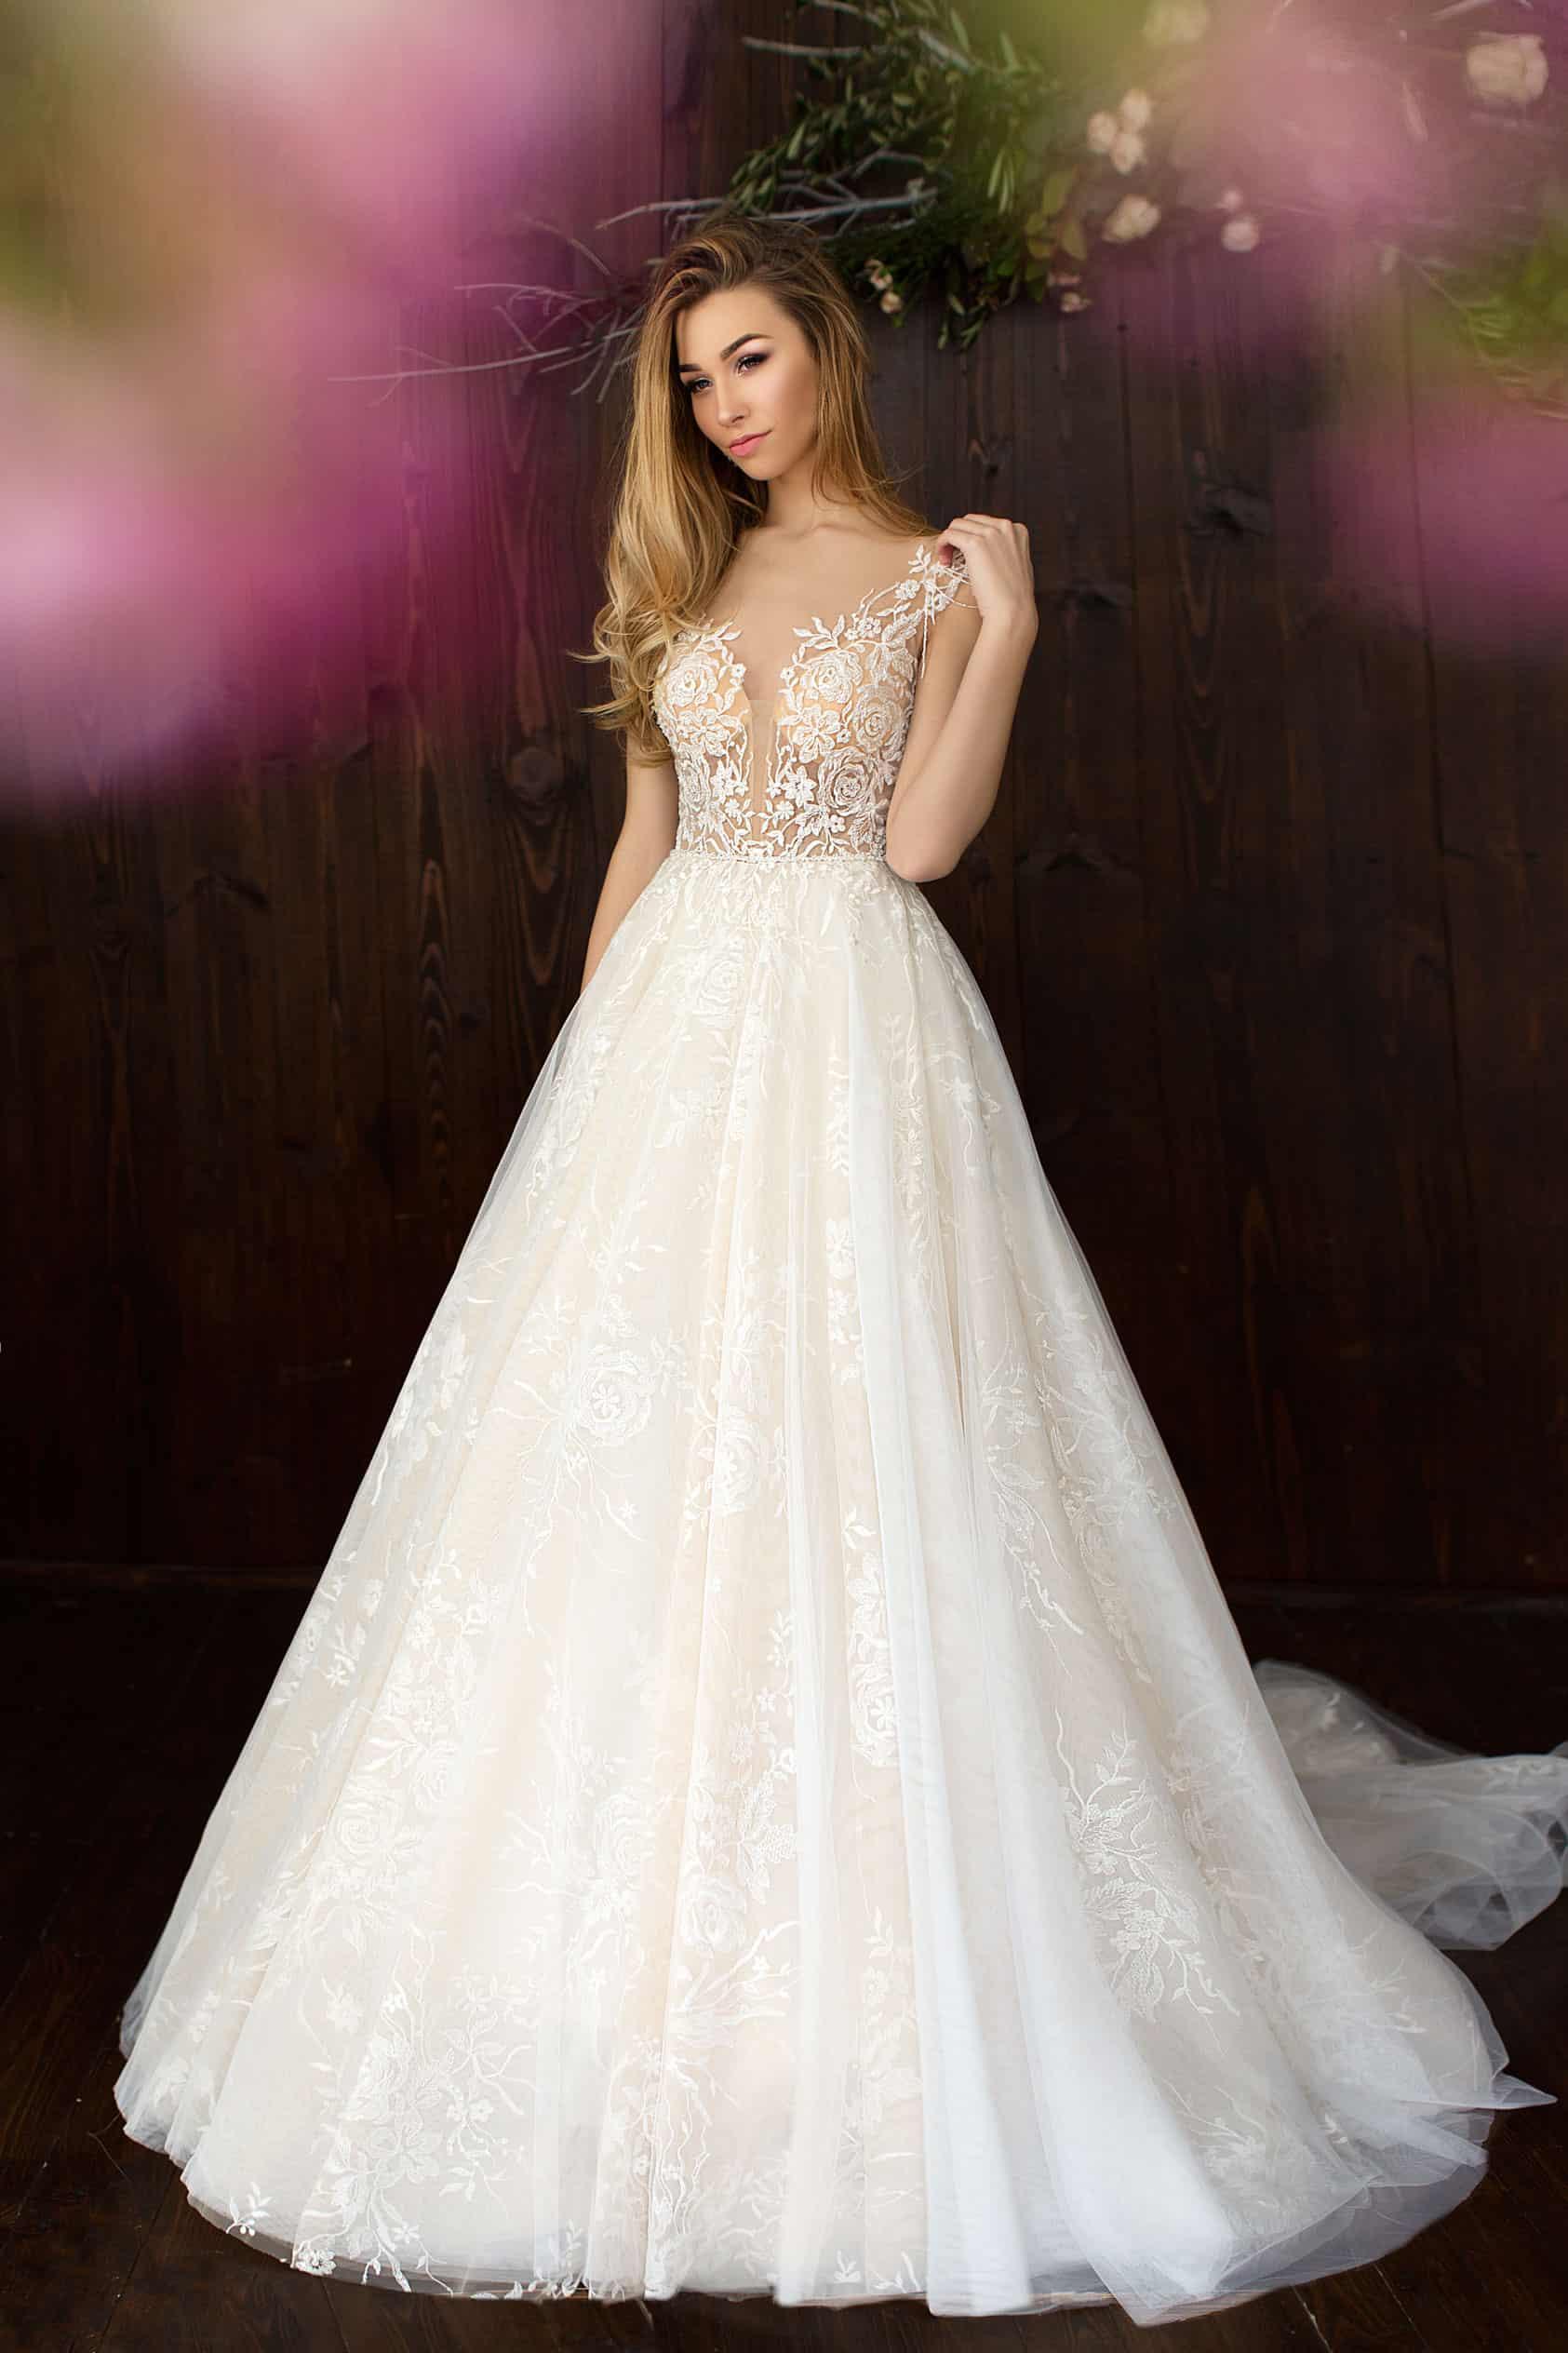 Pollardi Send Rose | Prinzessinnen Brautkleid | Hochzeitskleid A-Linie | Brautmode Köln Anna Moda